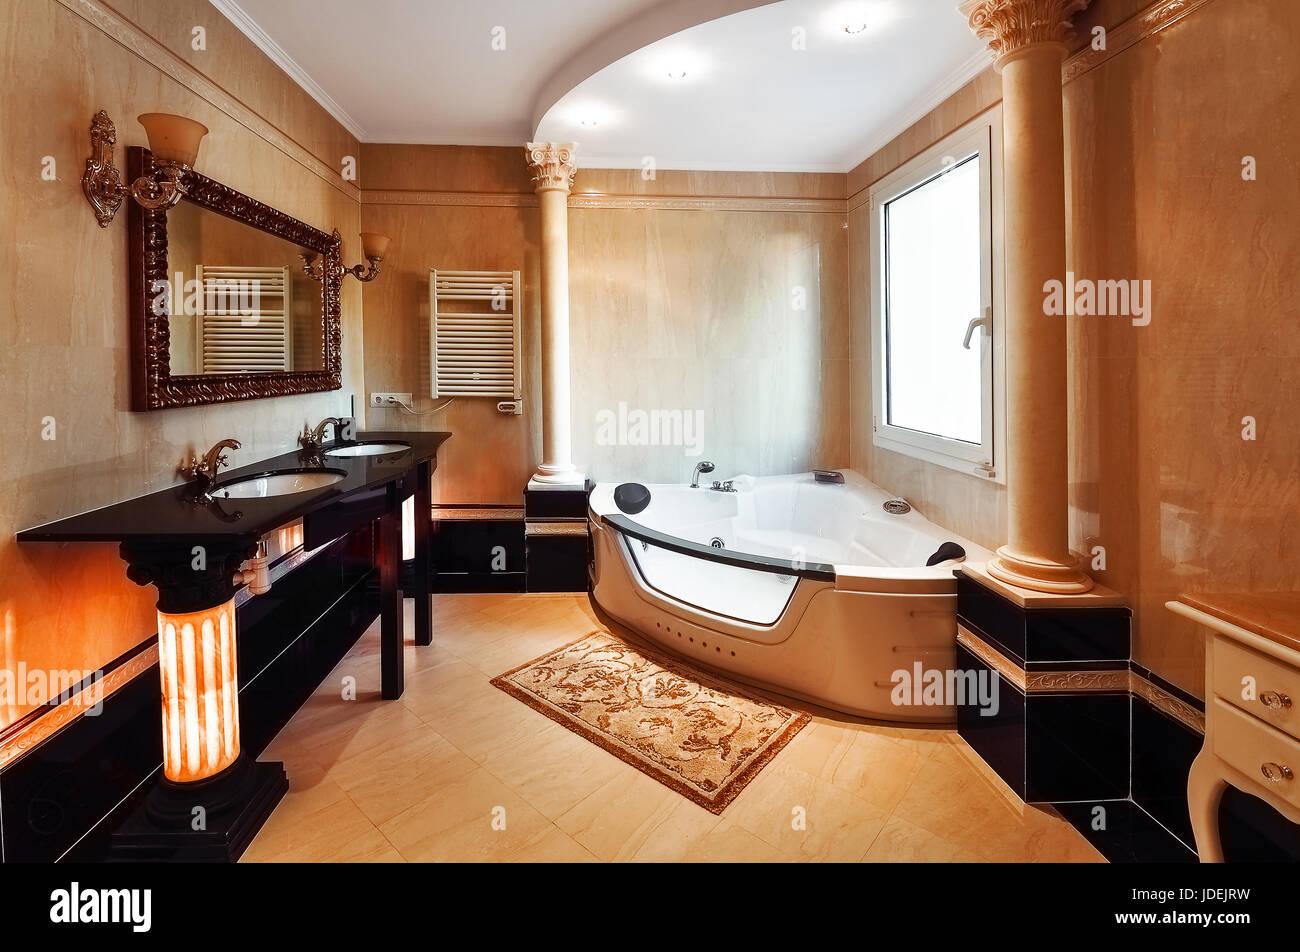 Luxuriöses Badezimmer im klassischen Stil mit korinthischen Säulen ...